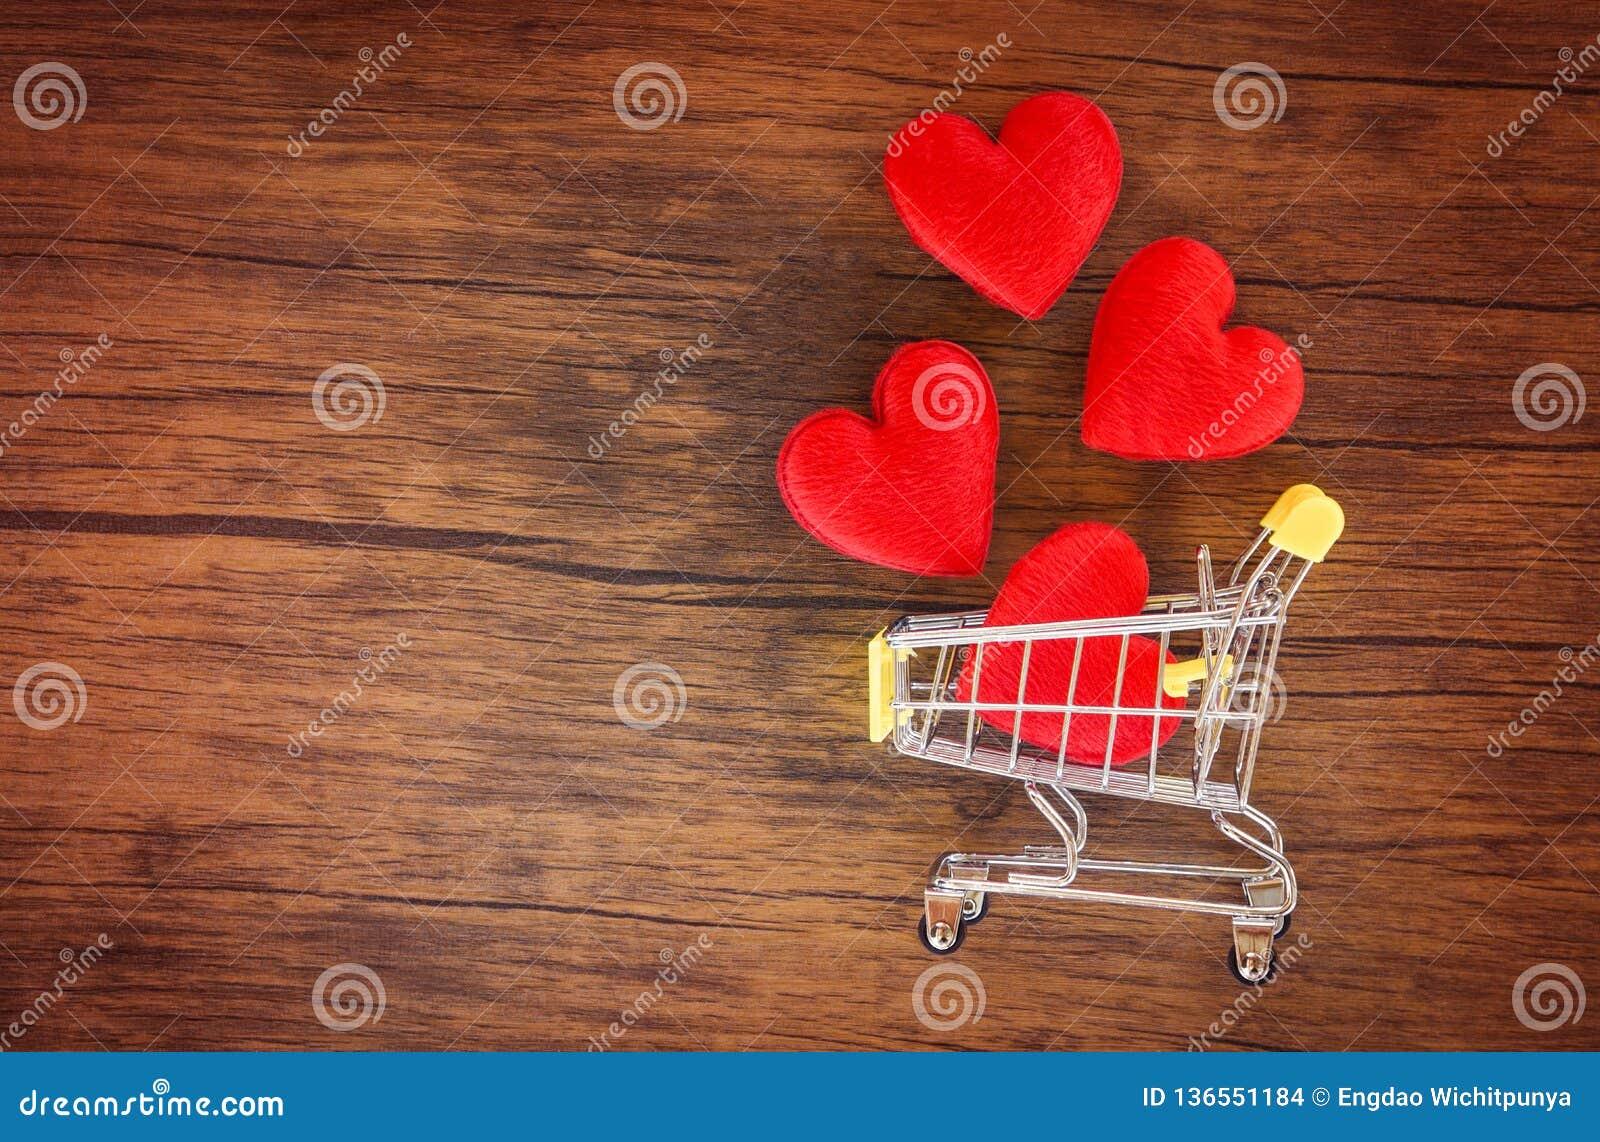 Αγορές ημέρας βαλεντίνων και κόκκινη καρδιά στην έννοια αγάπης κάρρων αγορών/τις διακοπές αγορών για την αγάπη